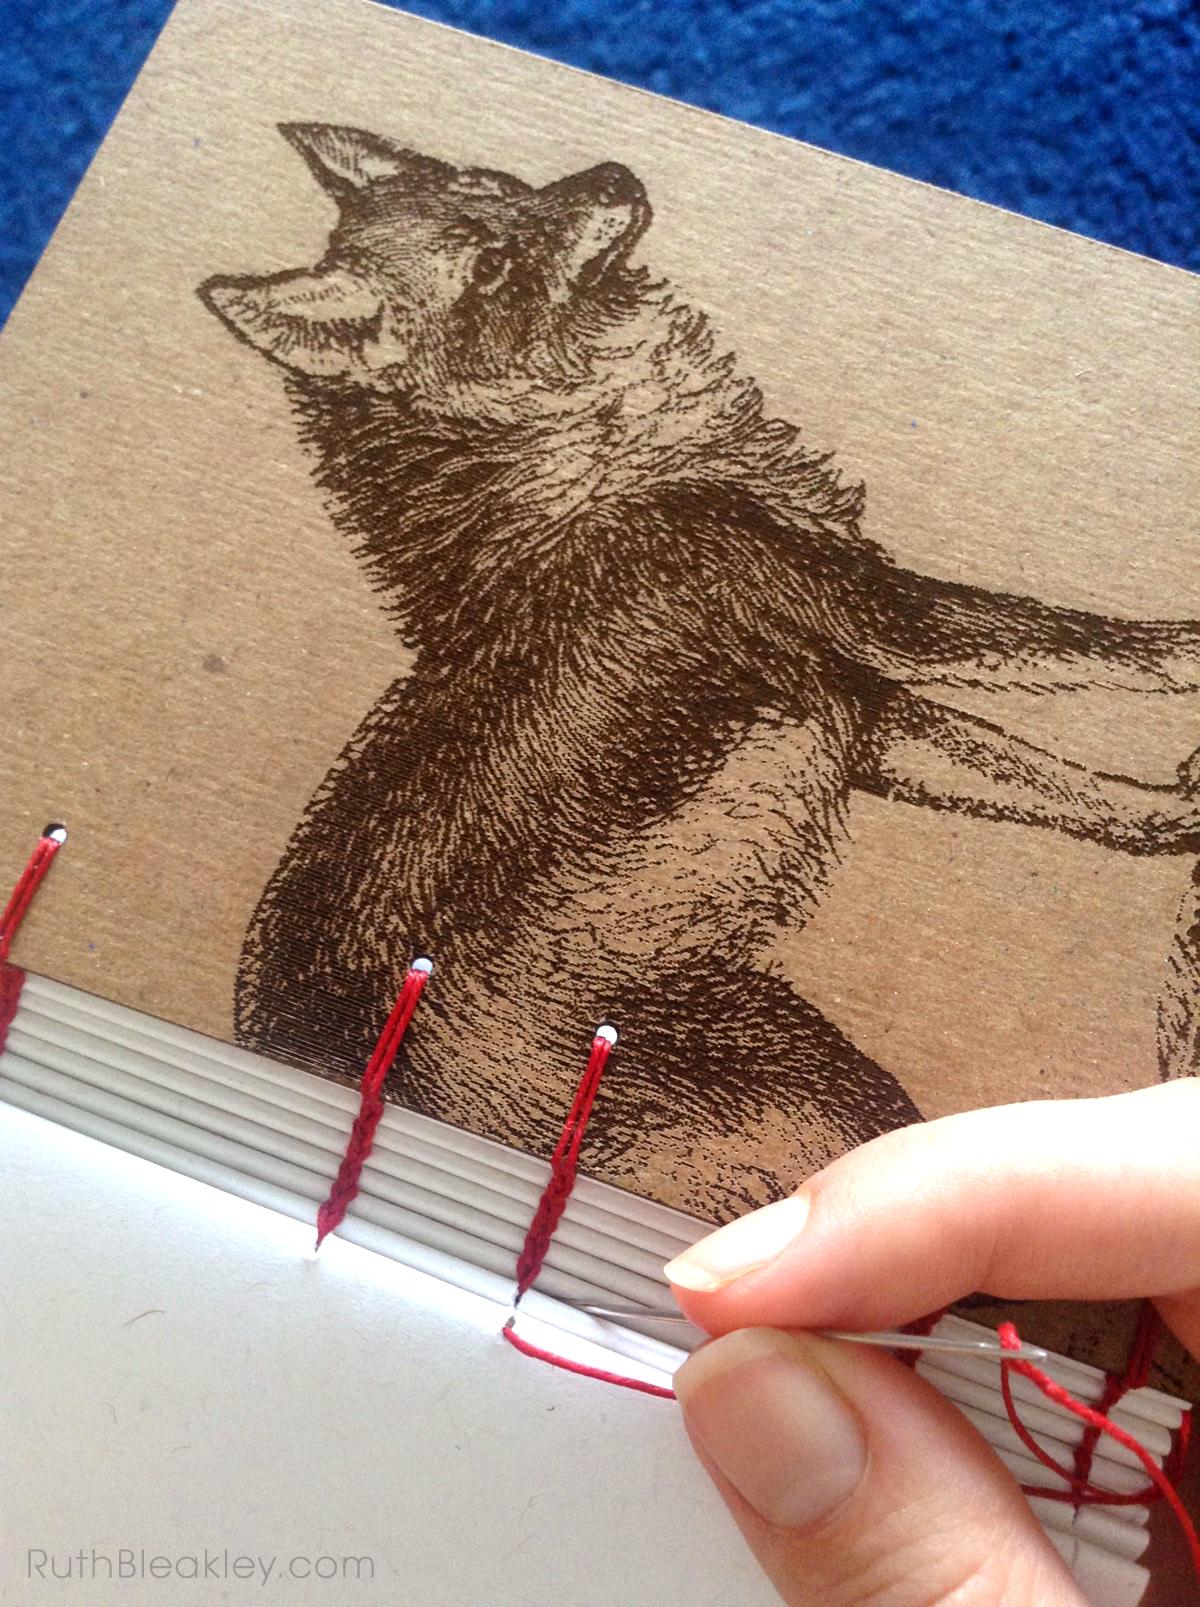 Coyote Journal handmade by Ruth Bleakley - 2